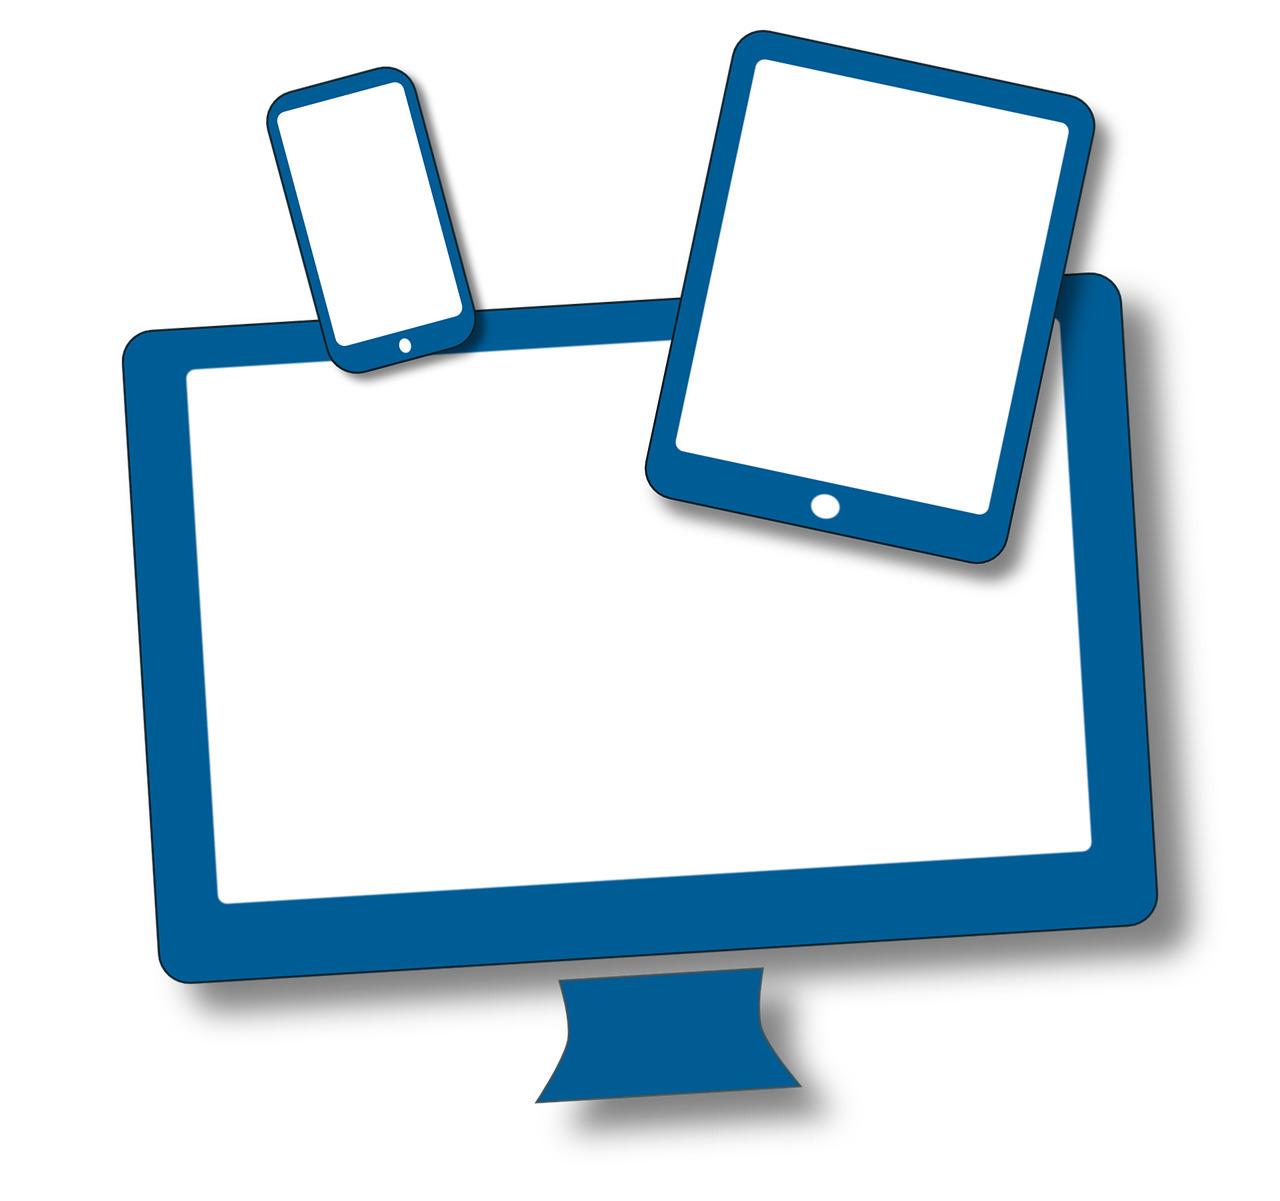 【Windows10】デスクトップが表示されない!?タブレットモードになっているかも